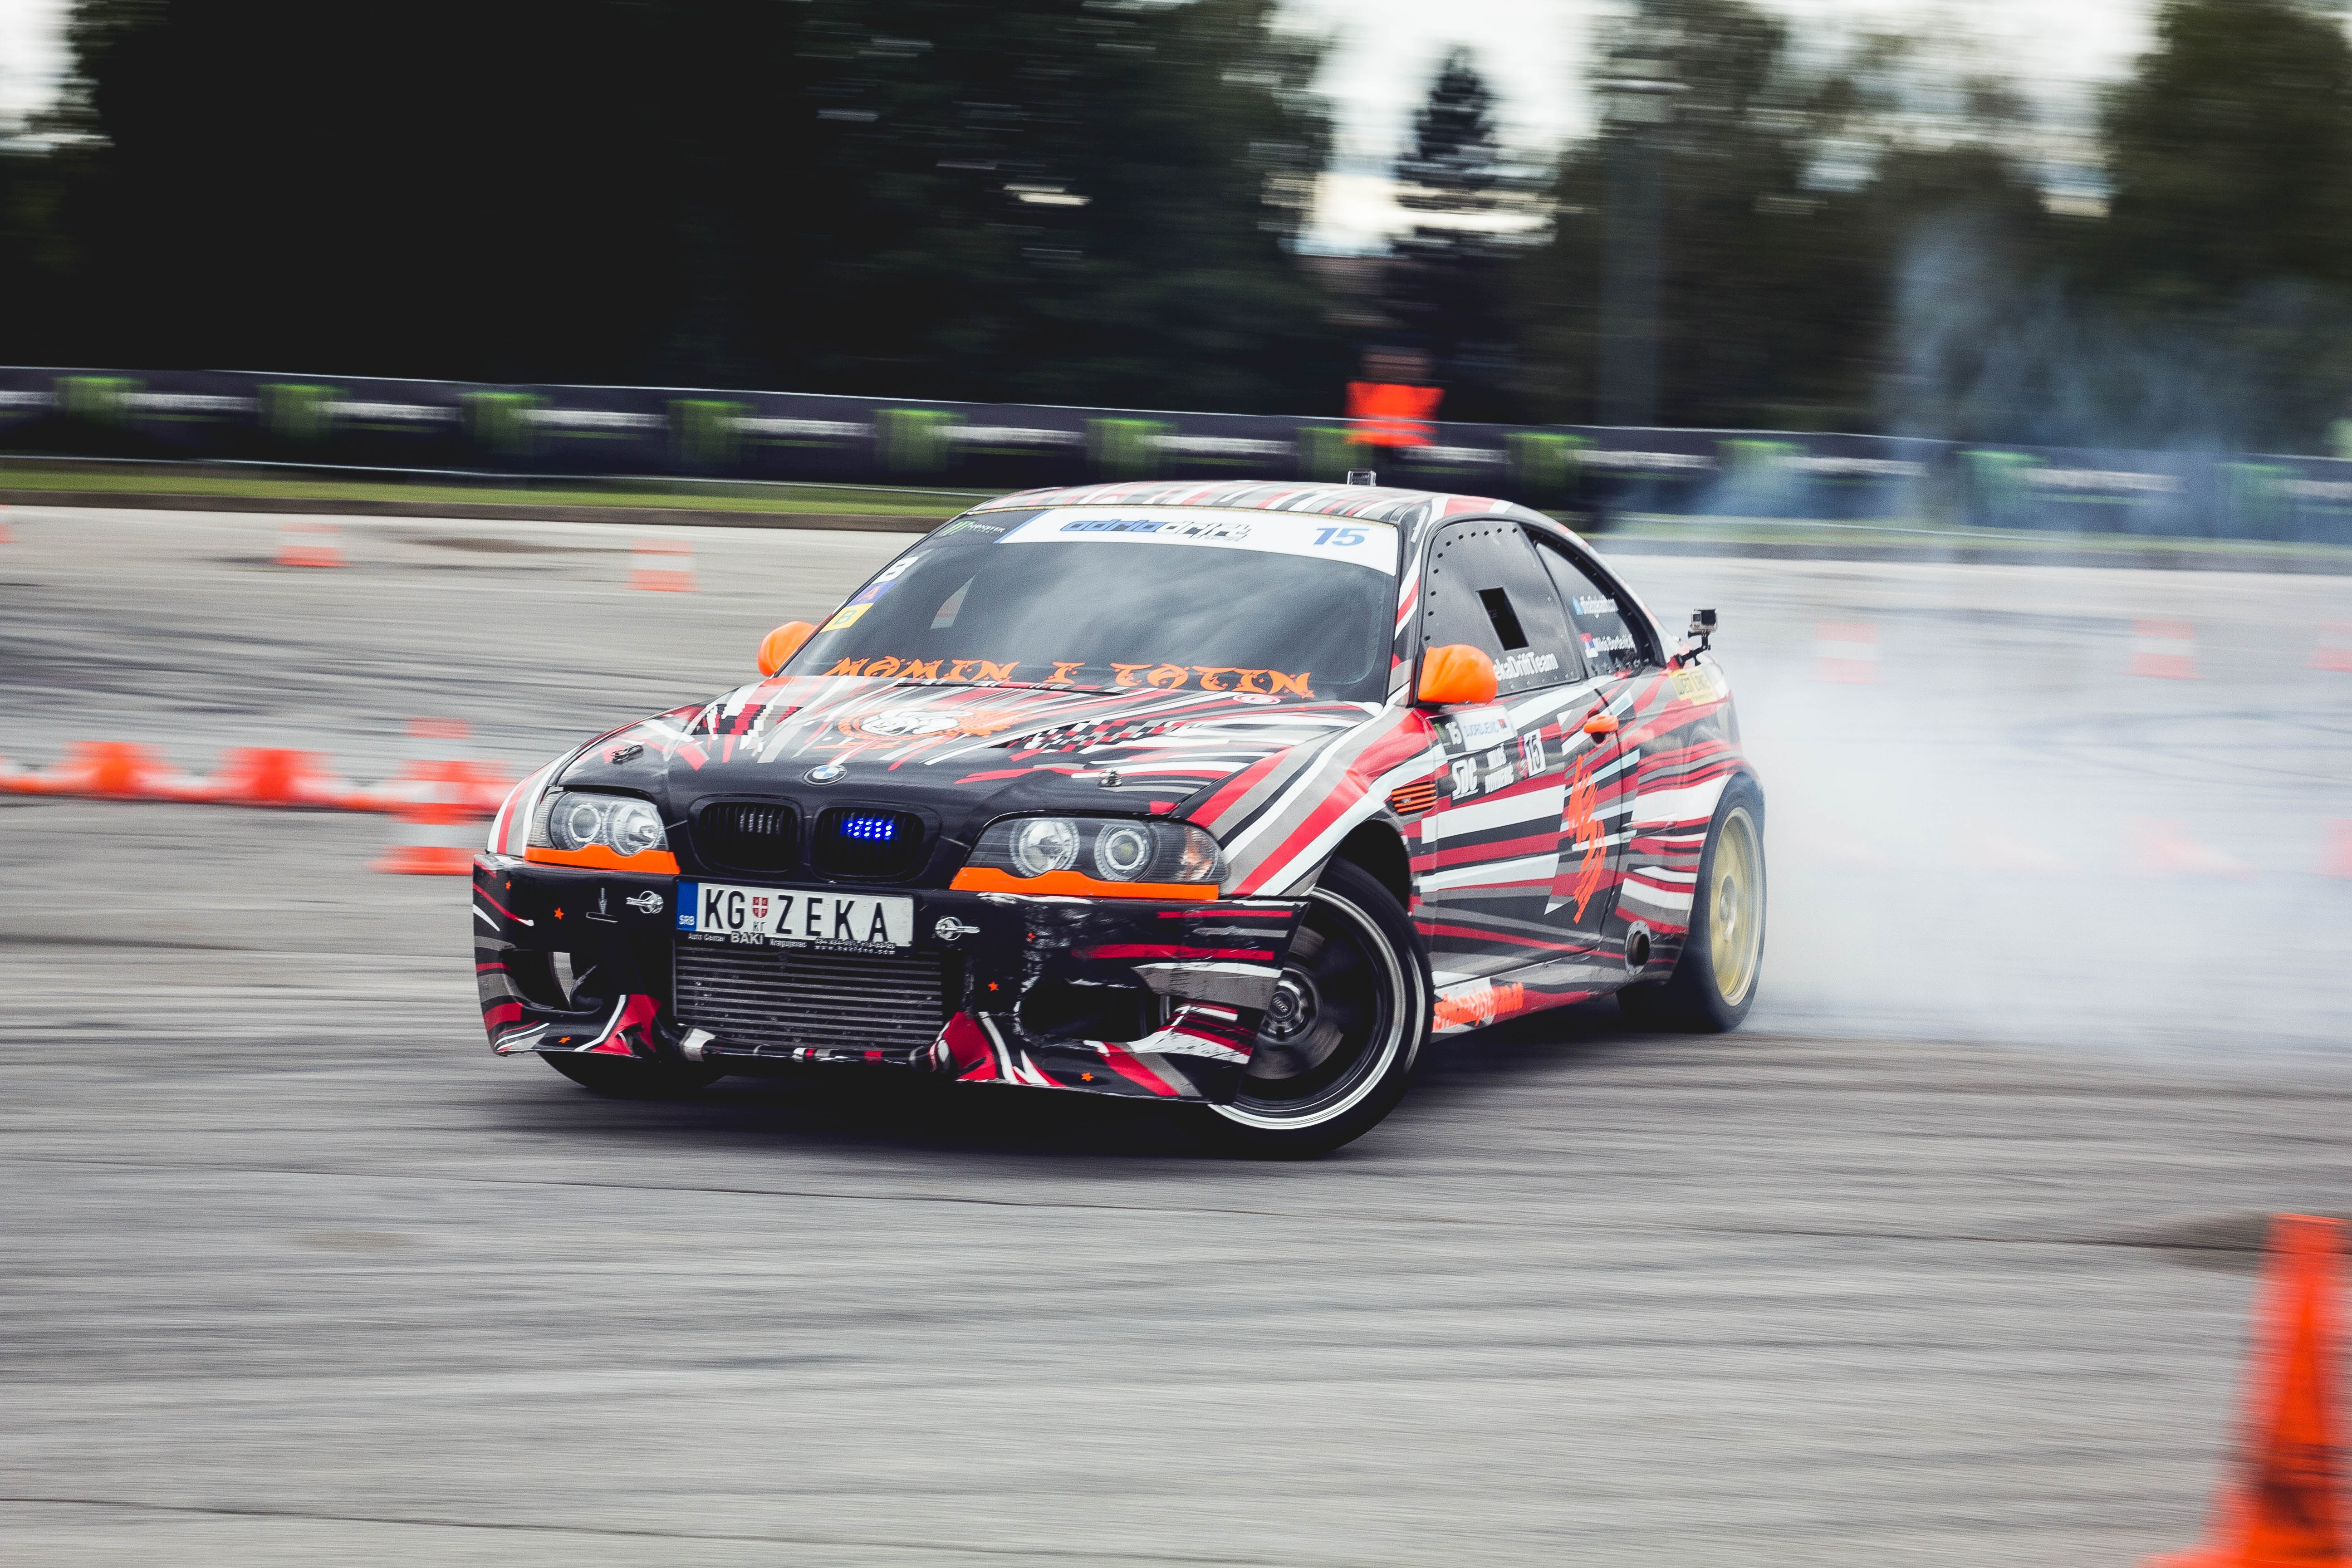 Photo of a racing car